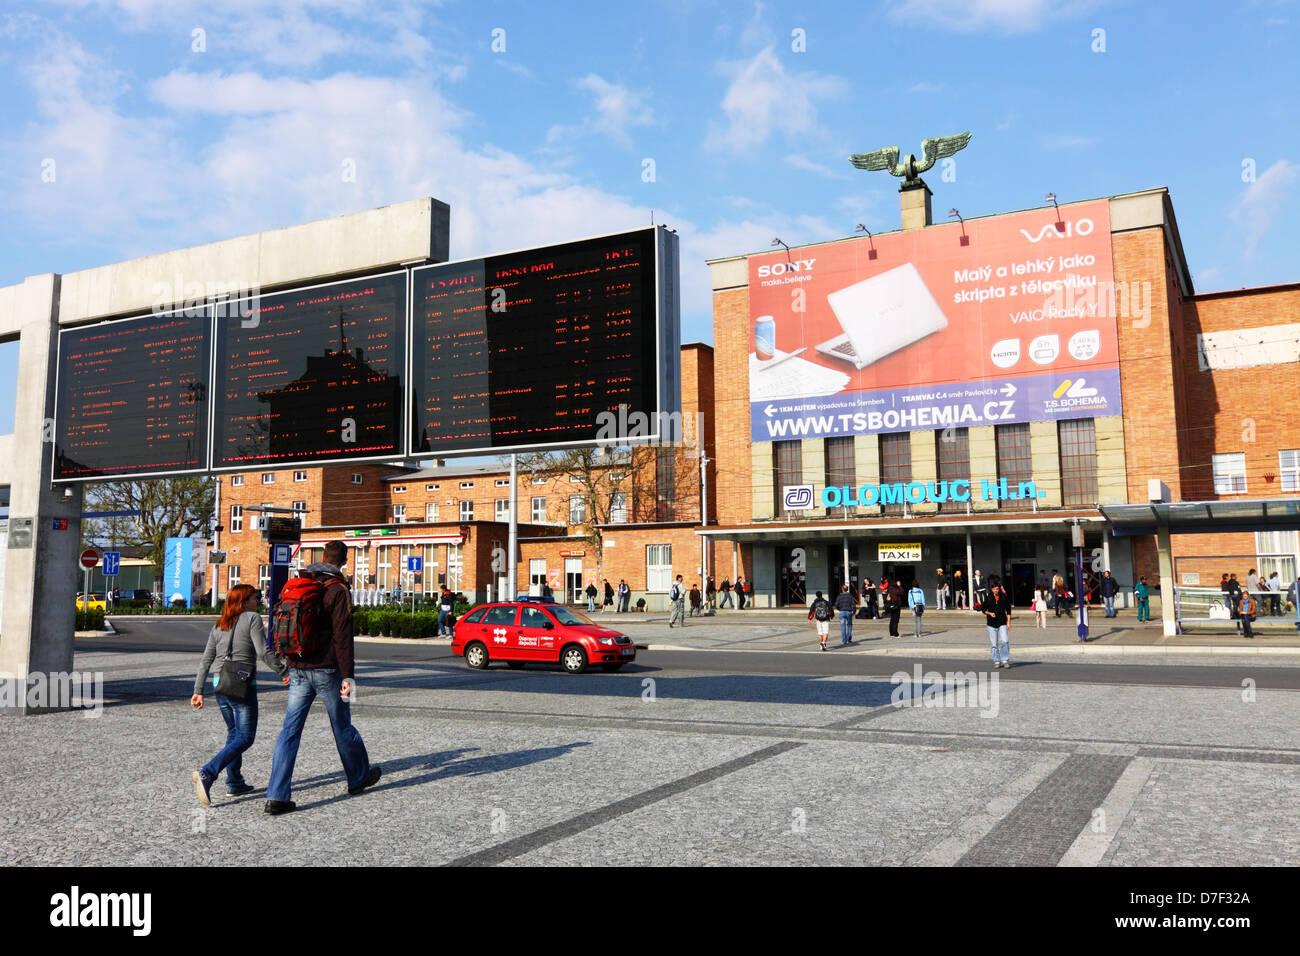 Olomouc train station building exterior Olomouc Czech Republic - Stock Image